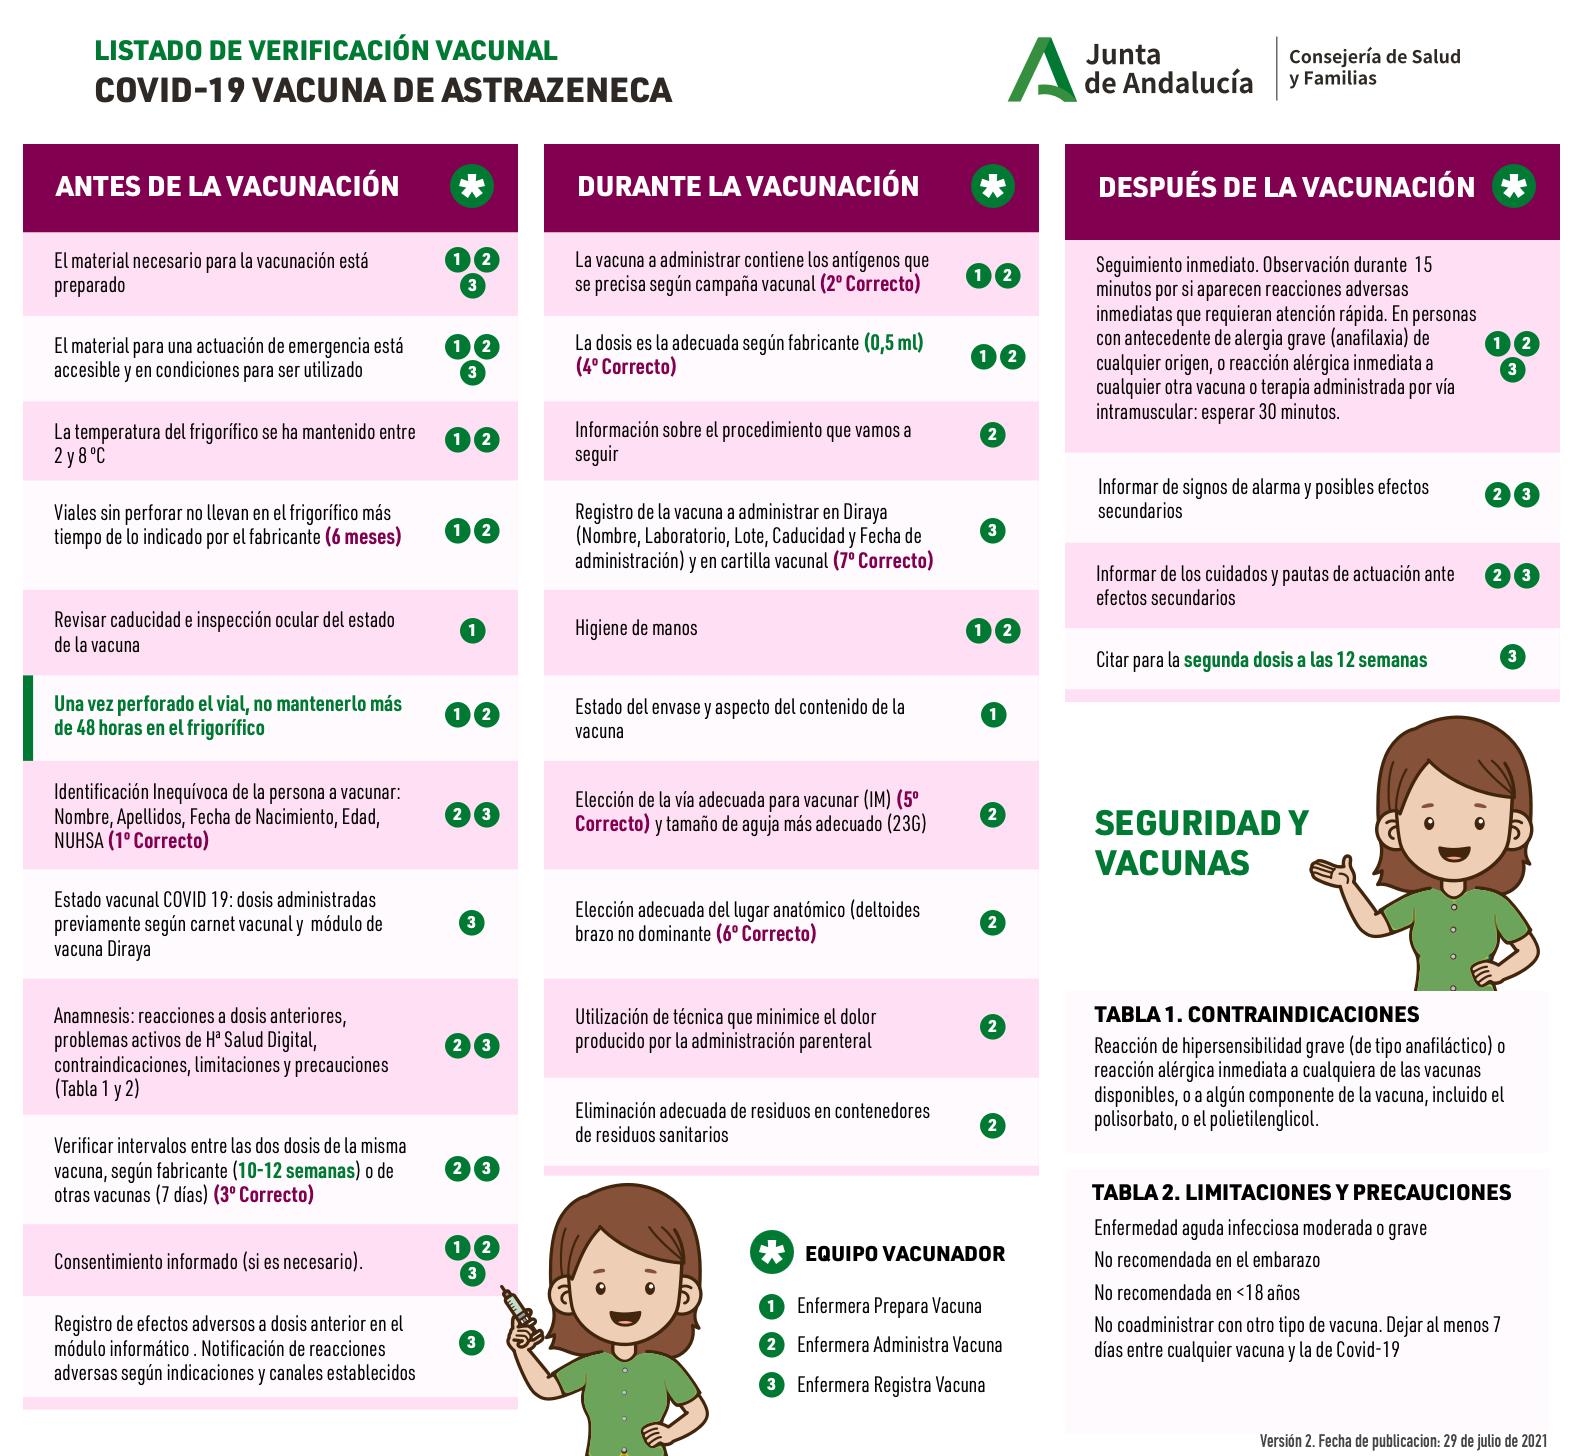 Listado de verificación vacunal COVID-19 vacuna de AstraZeneca